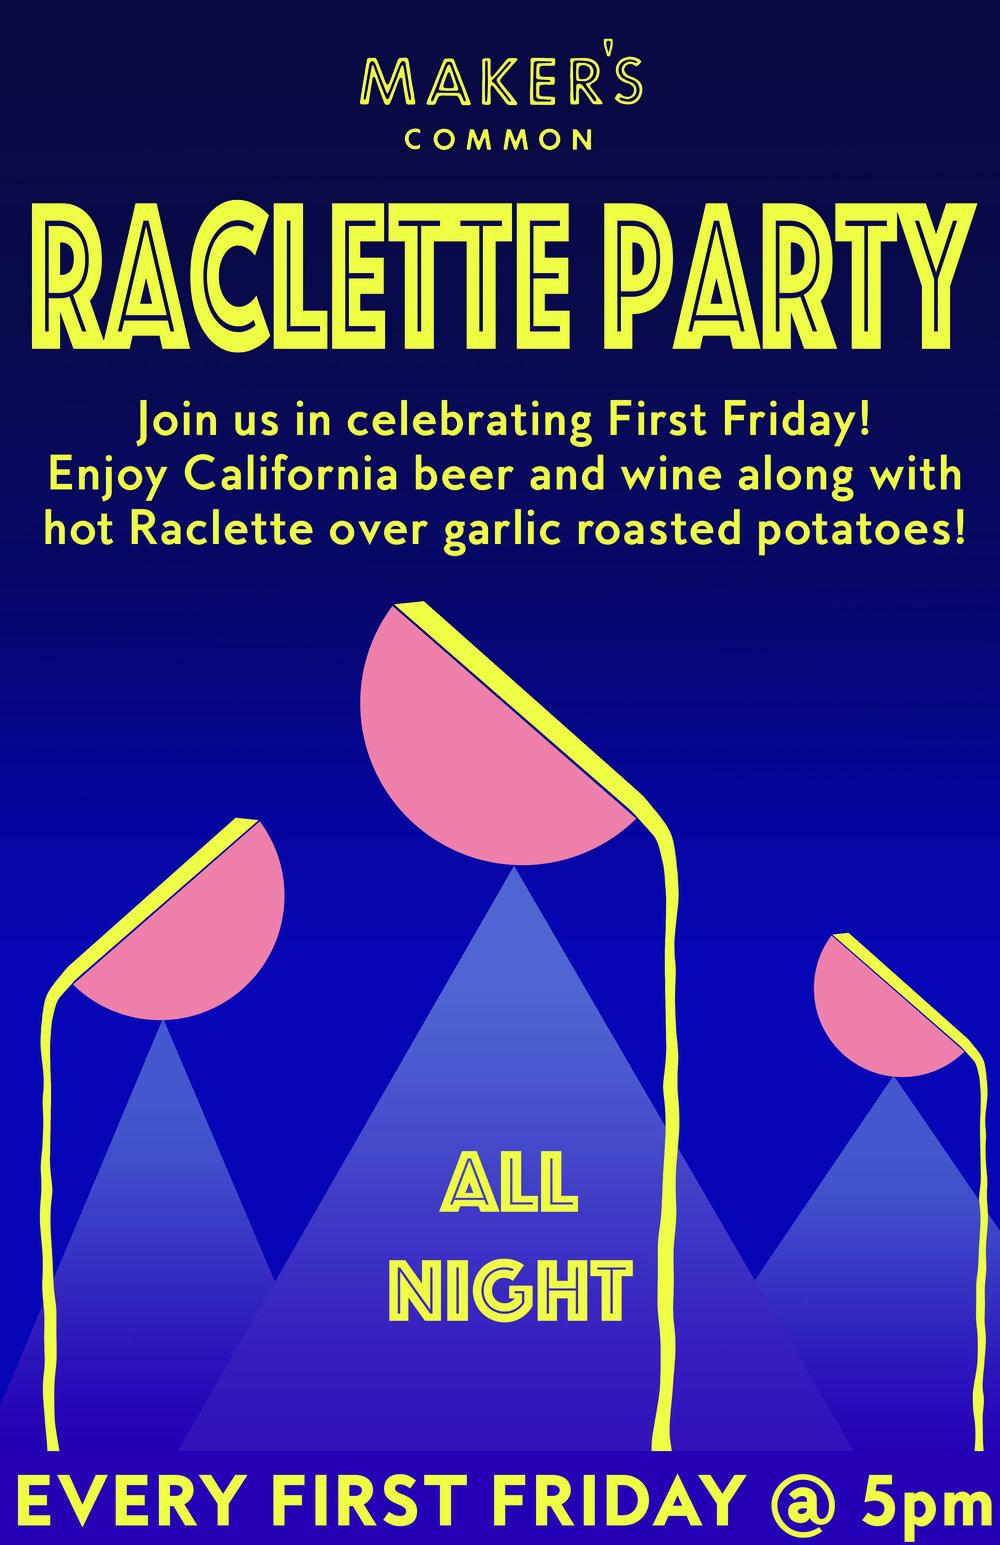 racletteparty (2).jpg